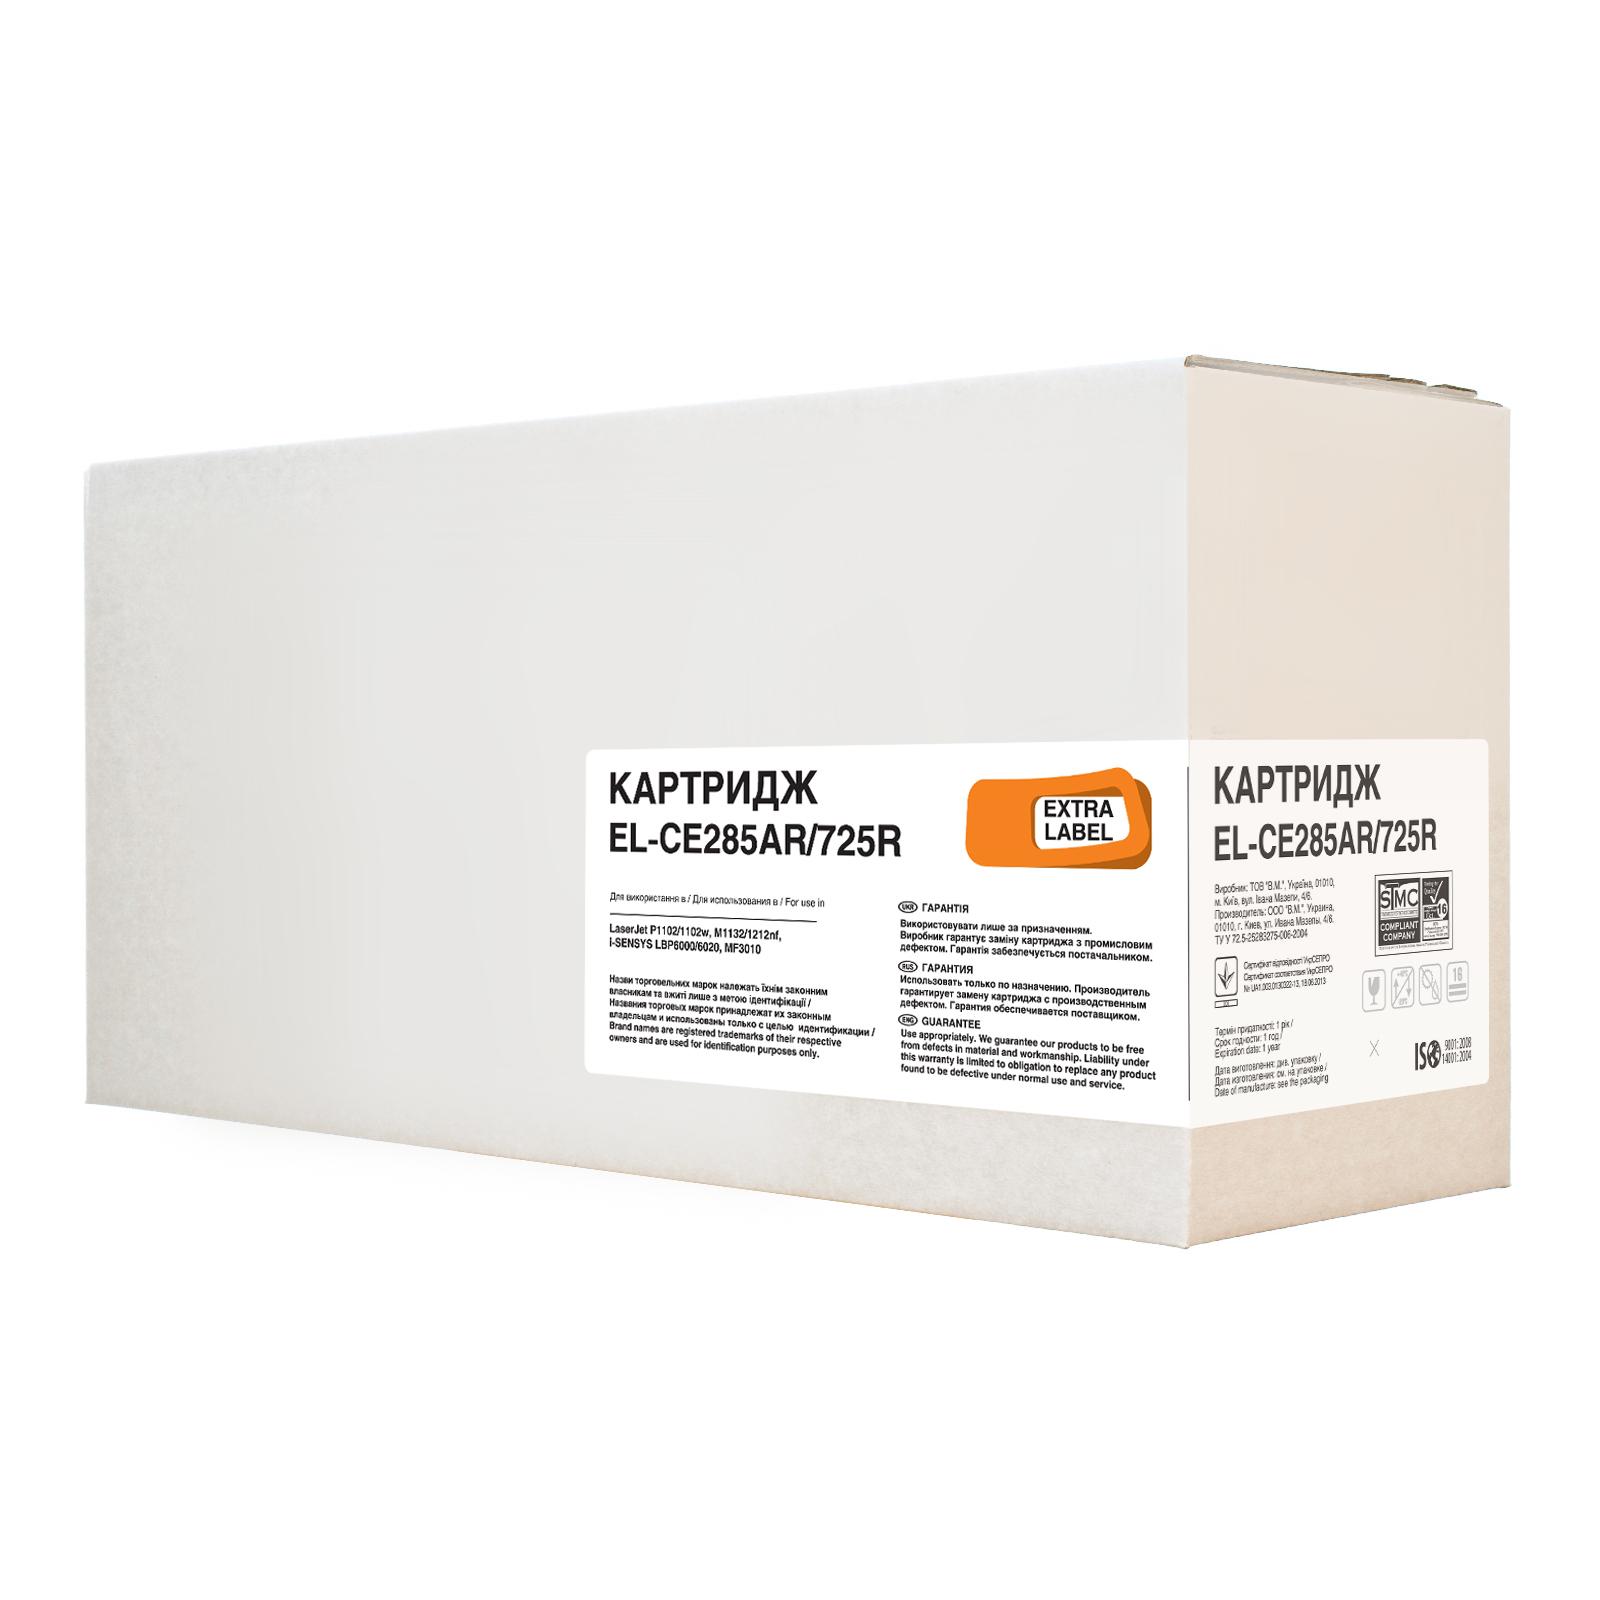 Картридж PATRON HP LJ CE285A/CANON 725 EXTRA Label (EL-CE285AR/725R)